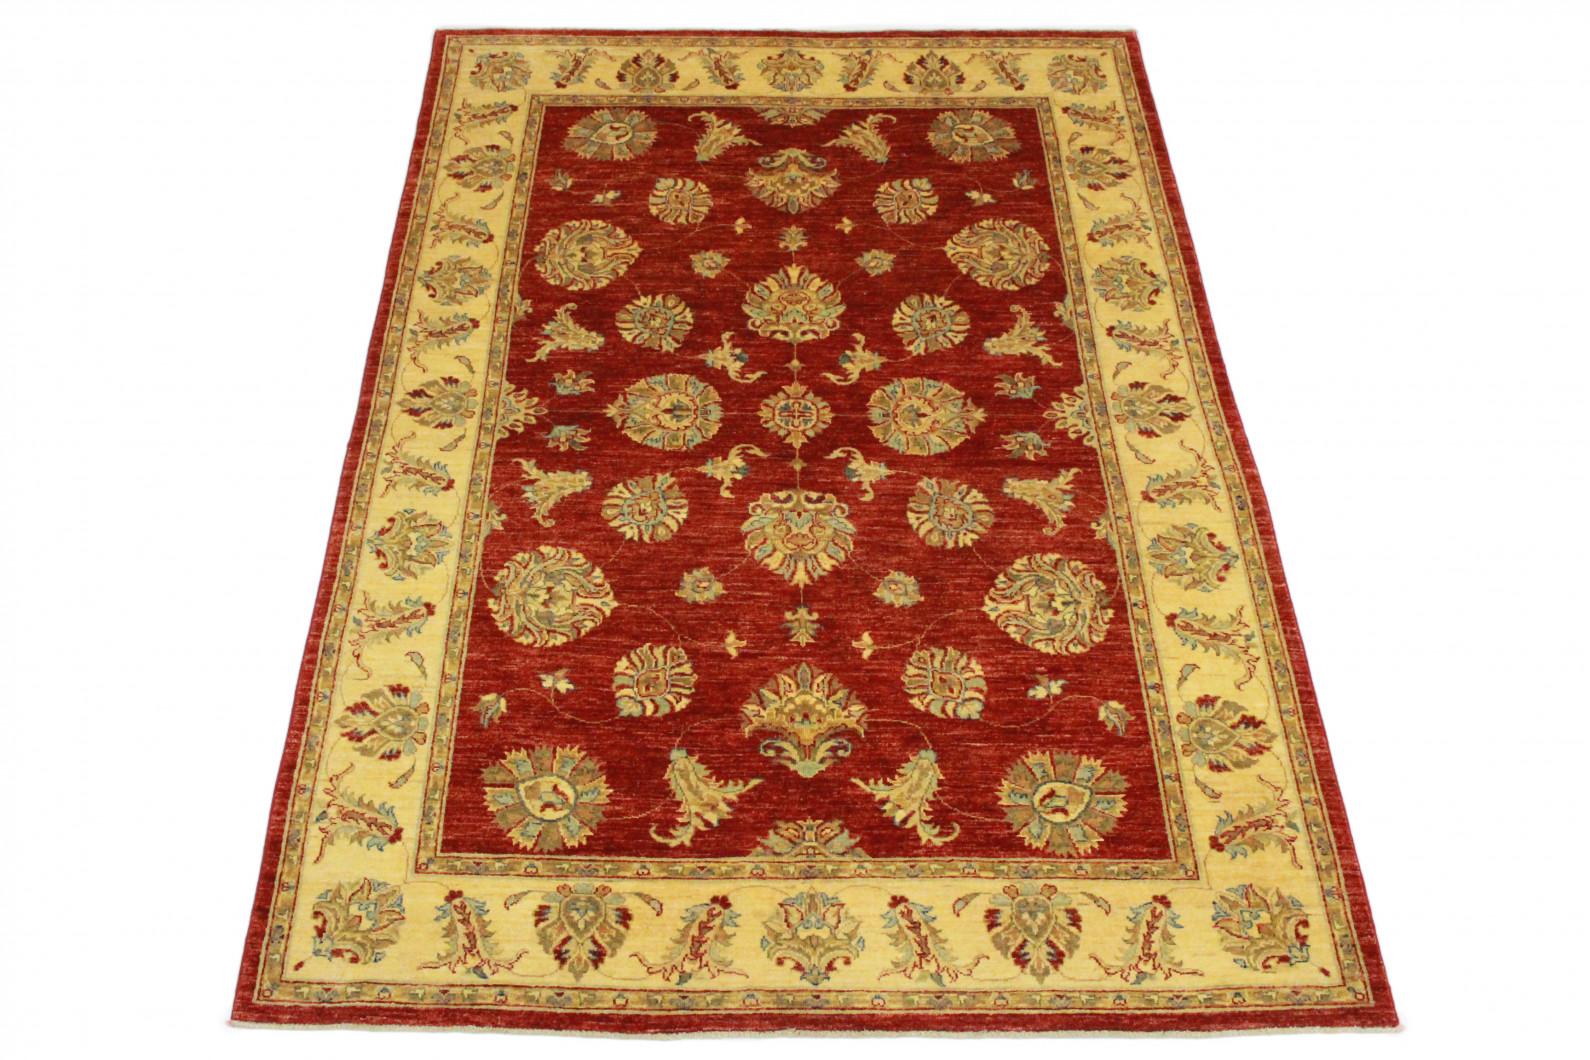 ziegler teppich rot beige in 250x170 5101 272 bei kaufen. Black Bedroom Furniture Sets. Home Design Ideas